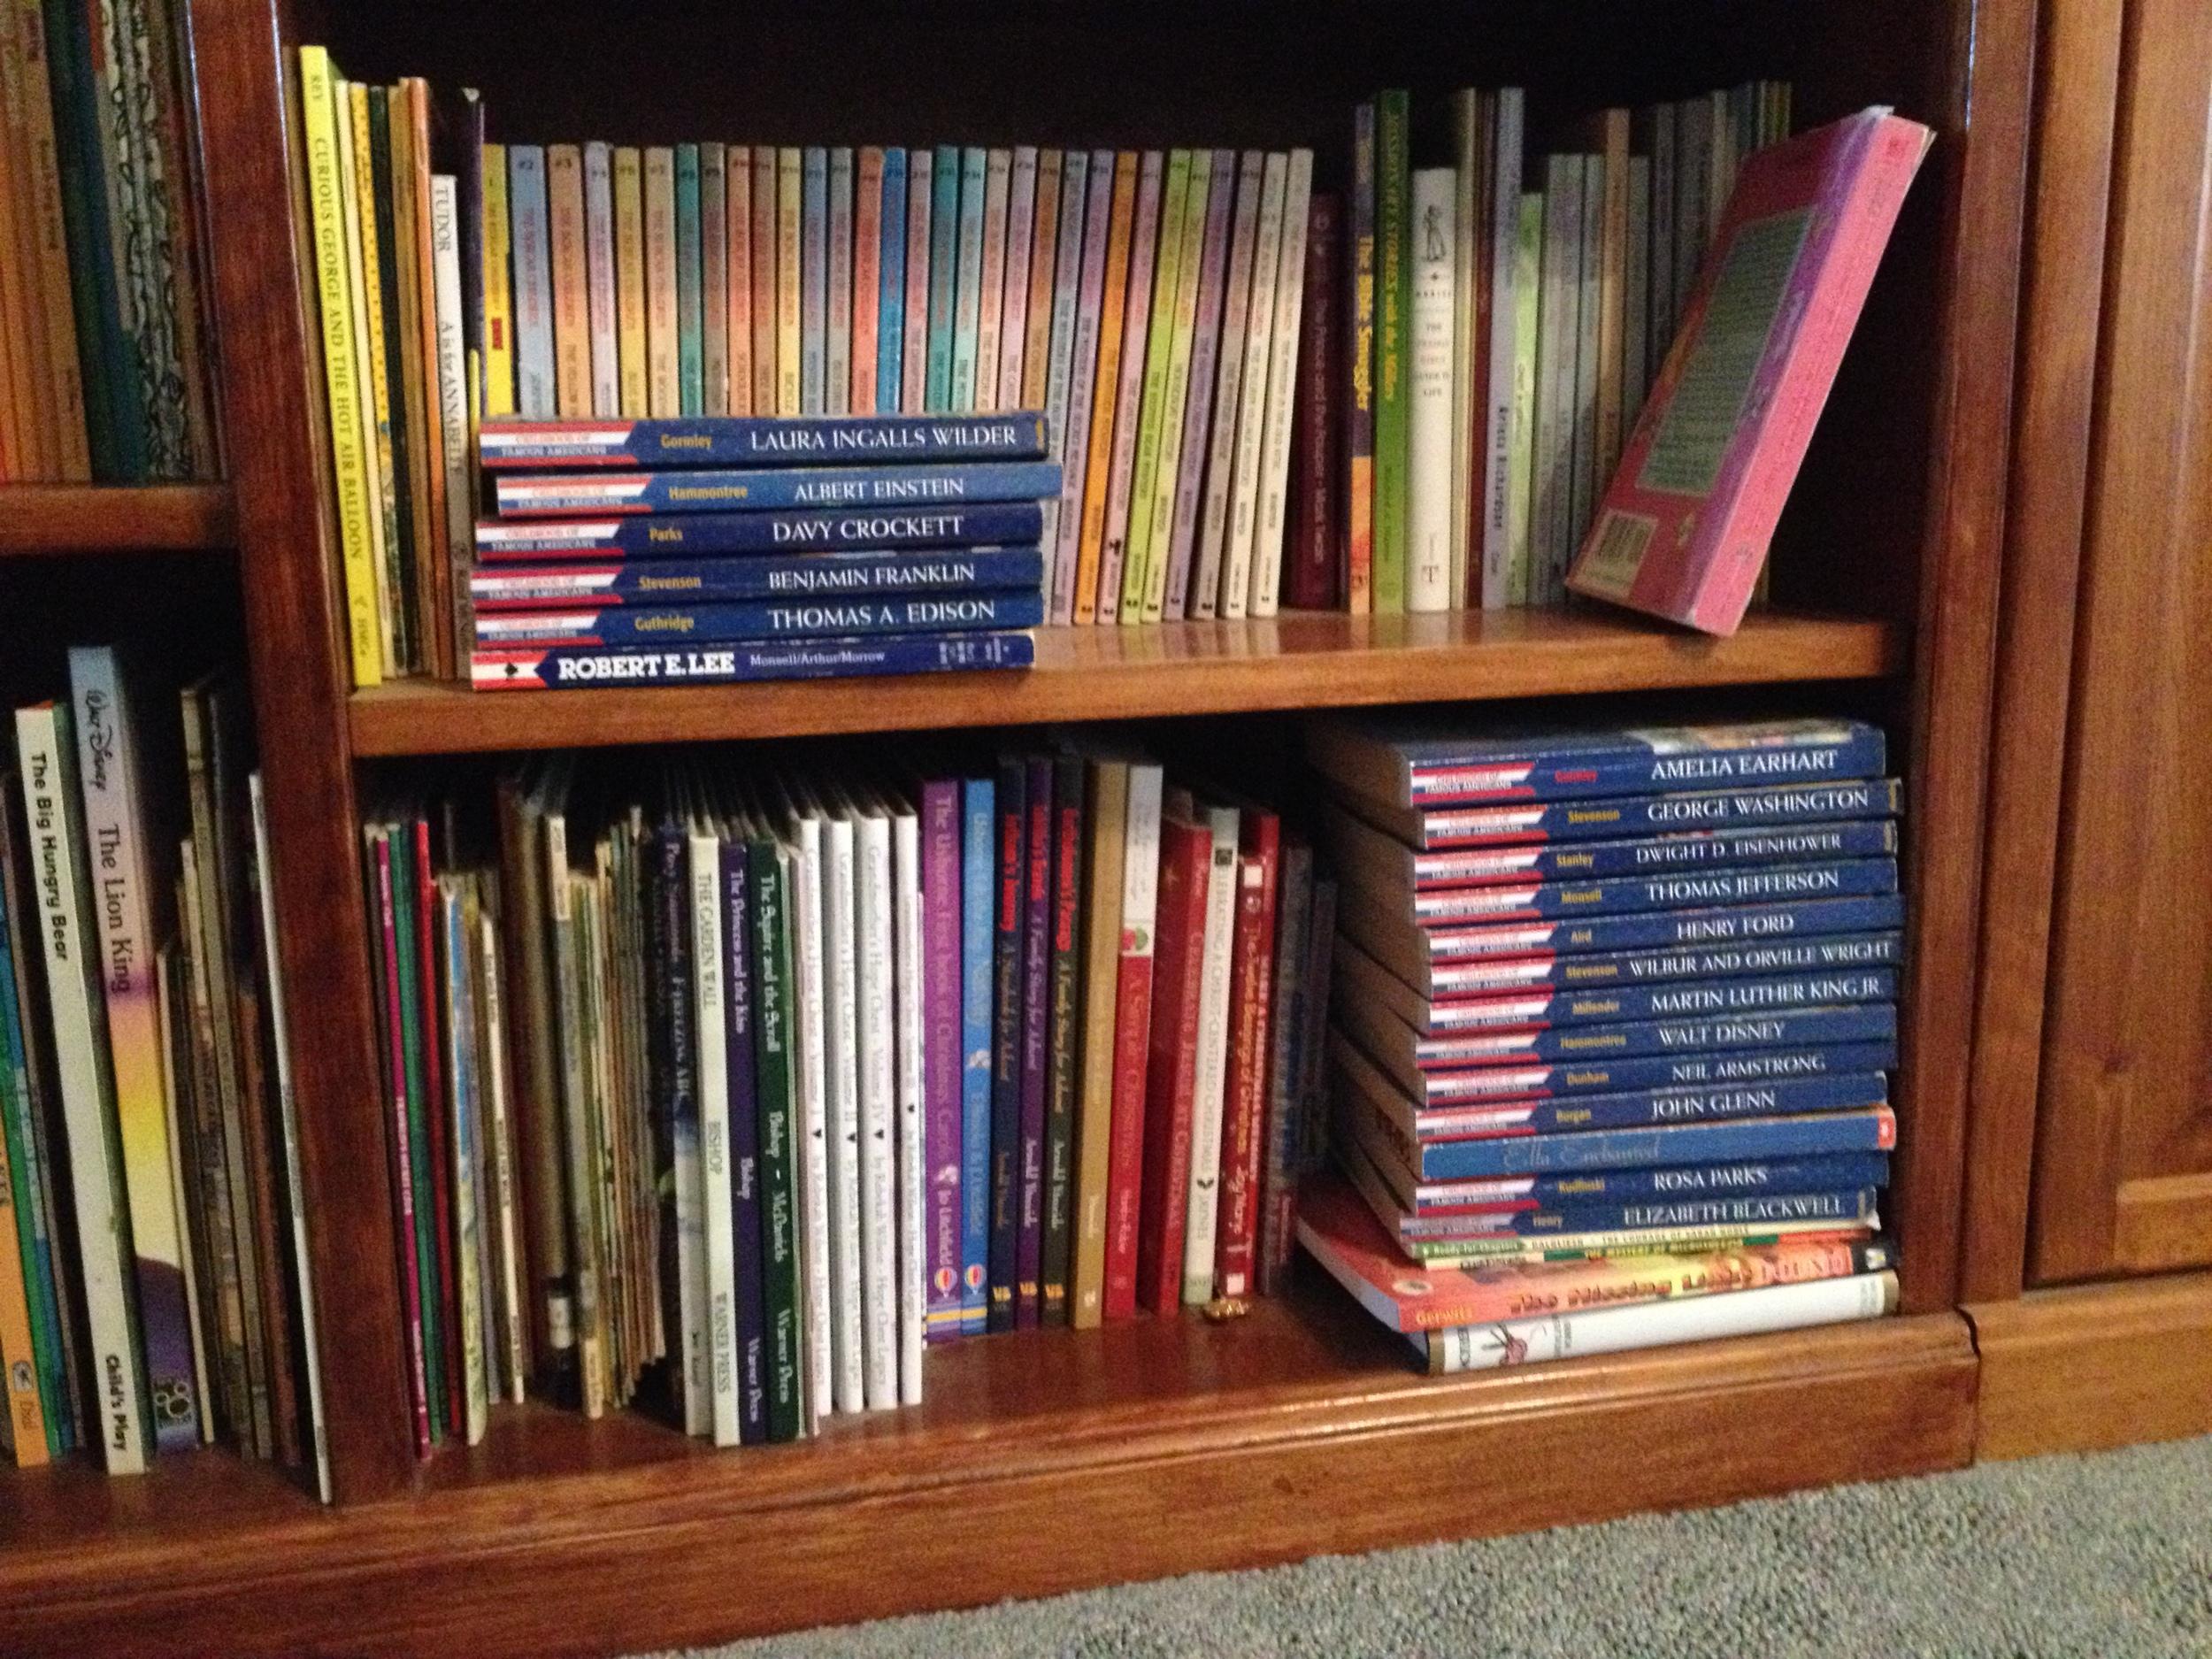 another full bookshelf